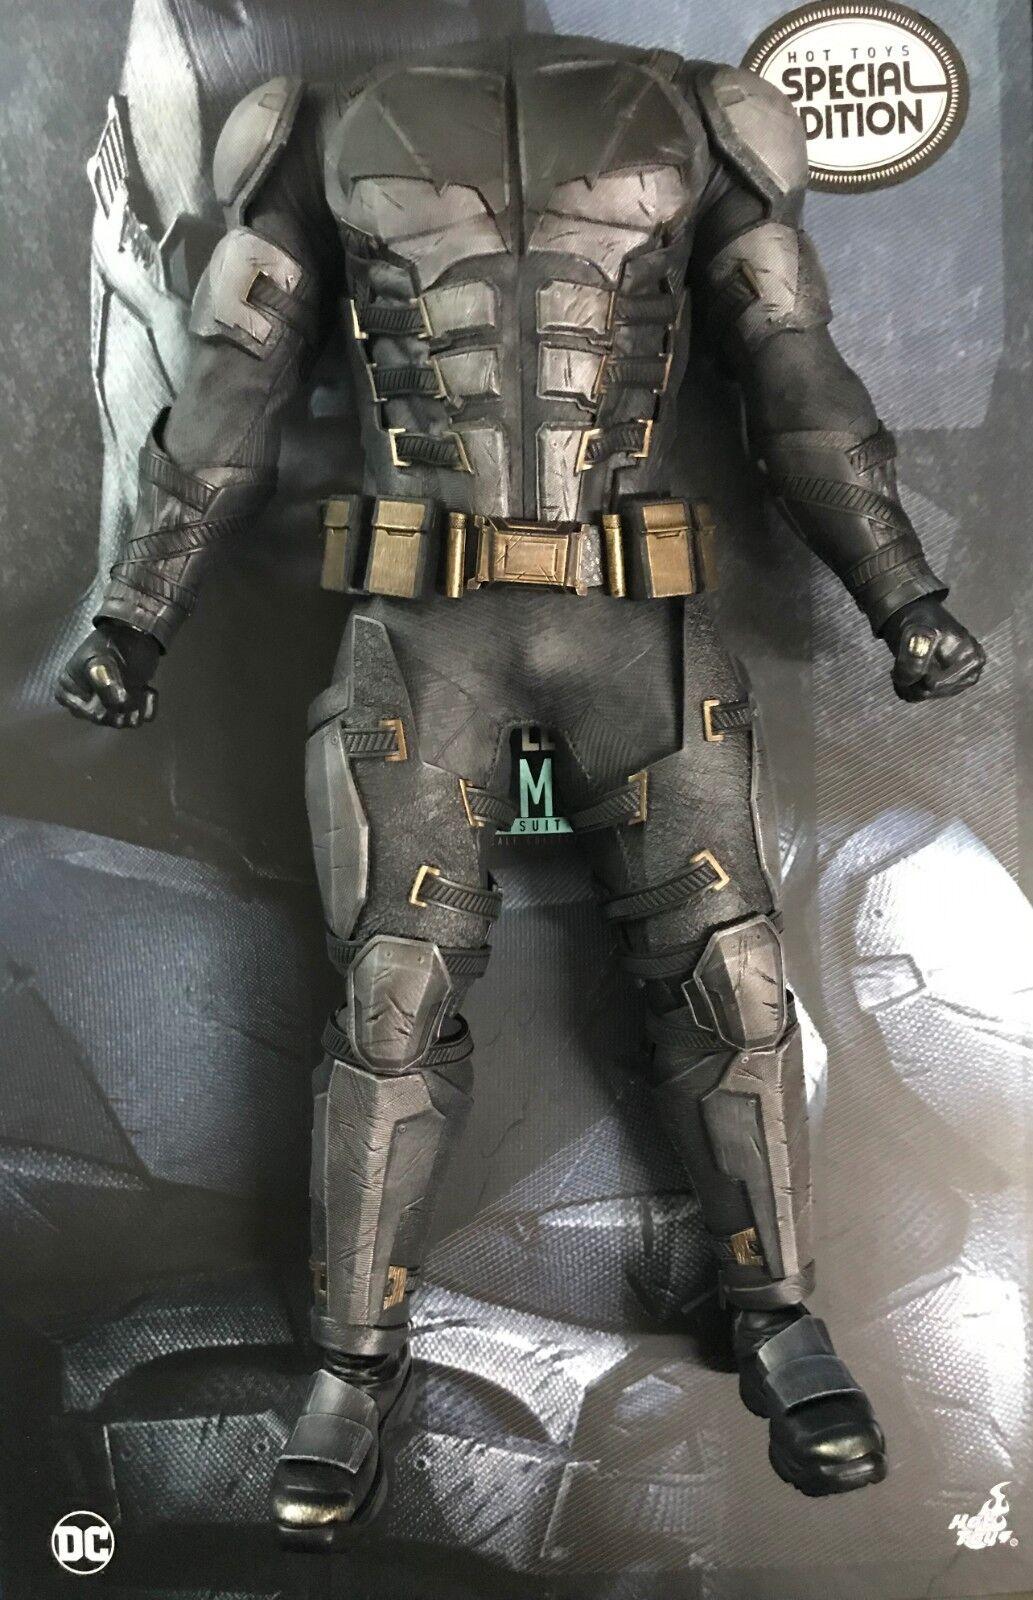 Hottoys Justice League Batman Tactical Batsuit MMS432  - Body & Suit only